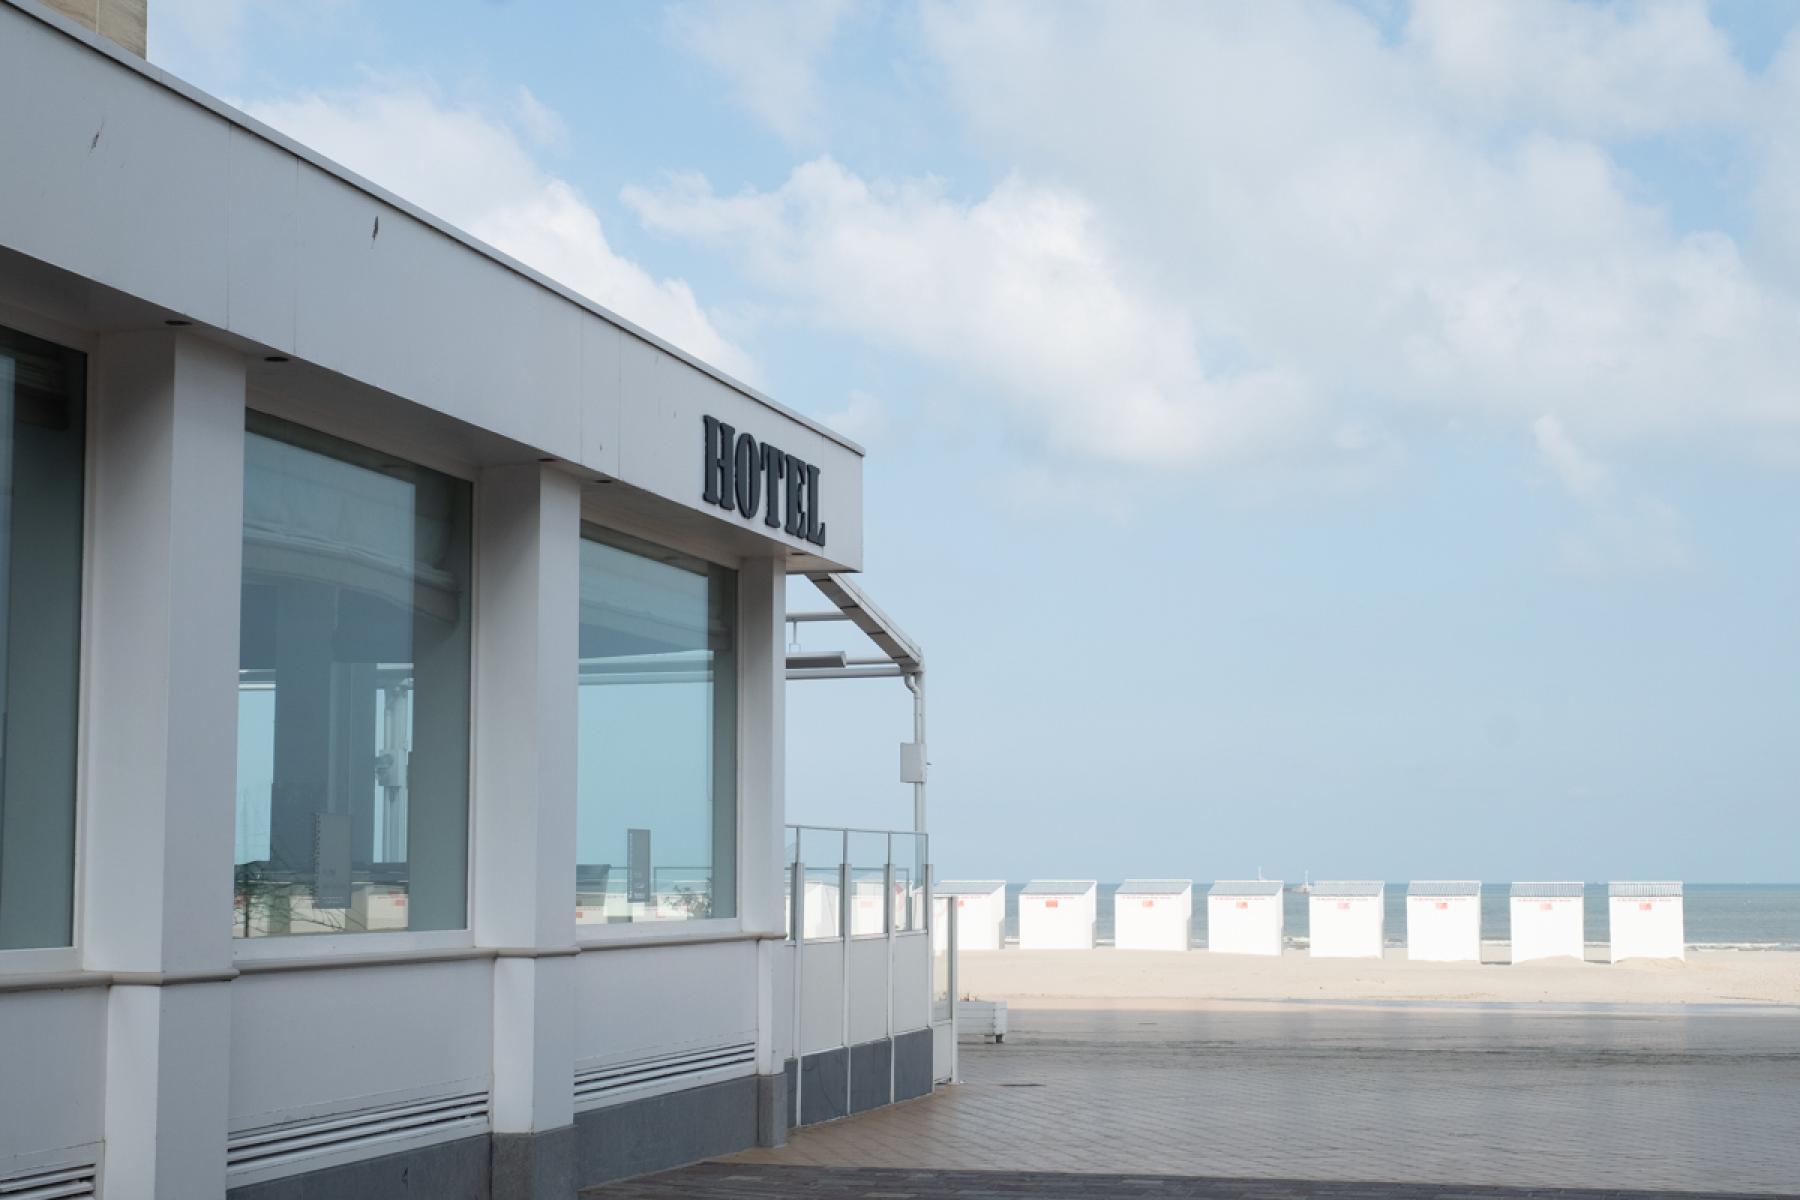 VisitNieuwpoort Hotel Sandeshoved